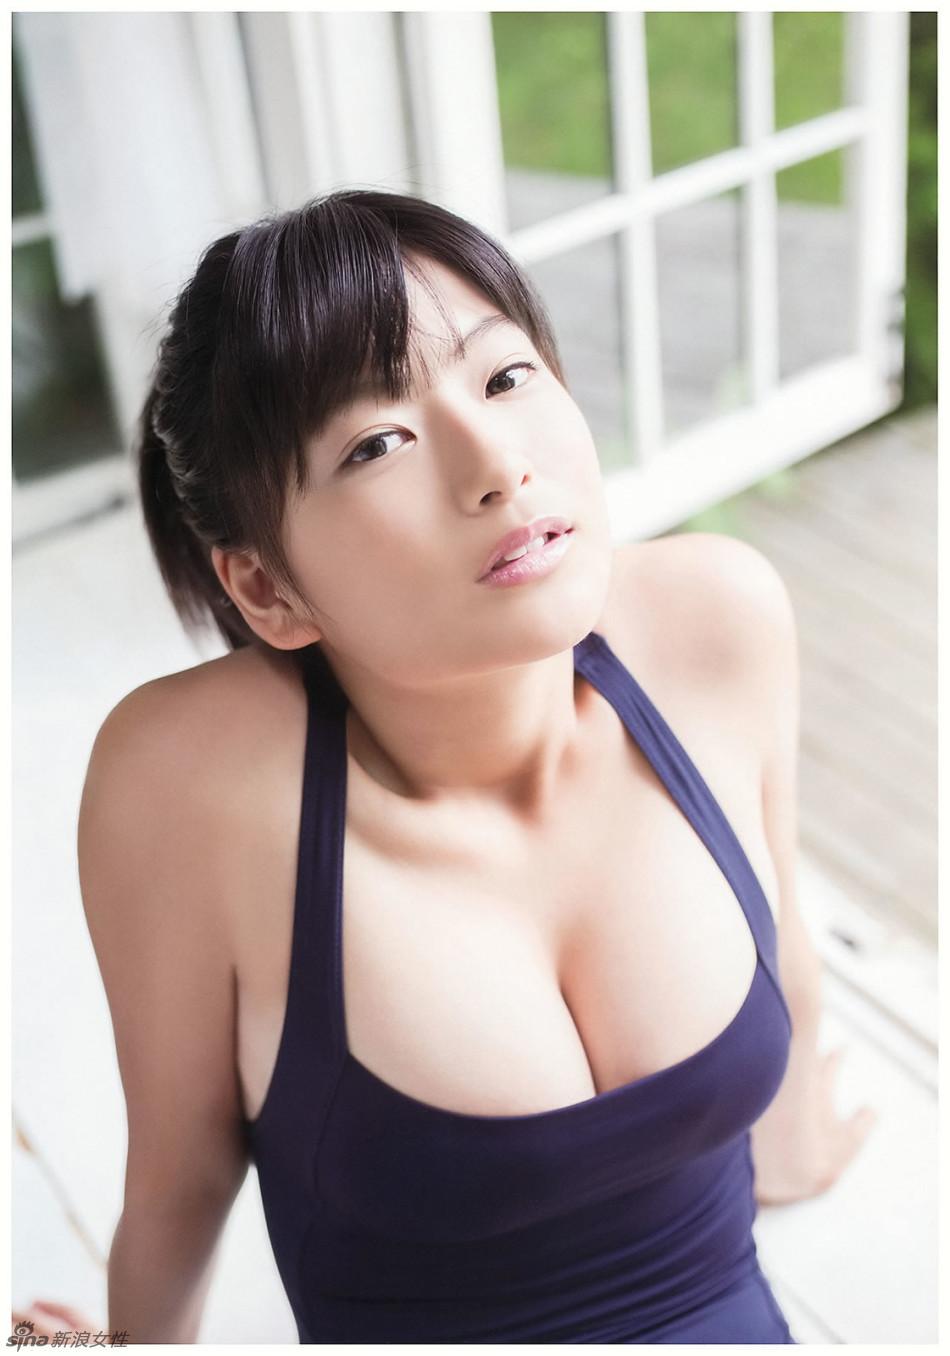 """波霸""""美女 性感香艳视觉盛宴"""